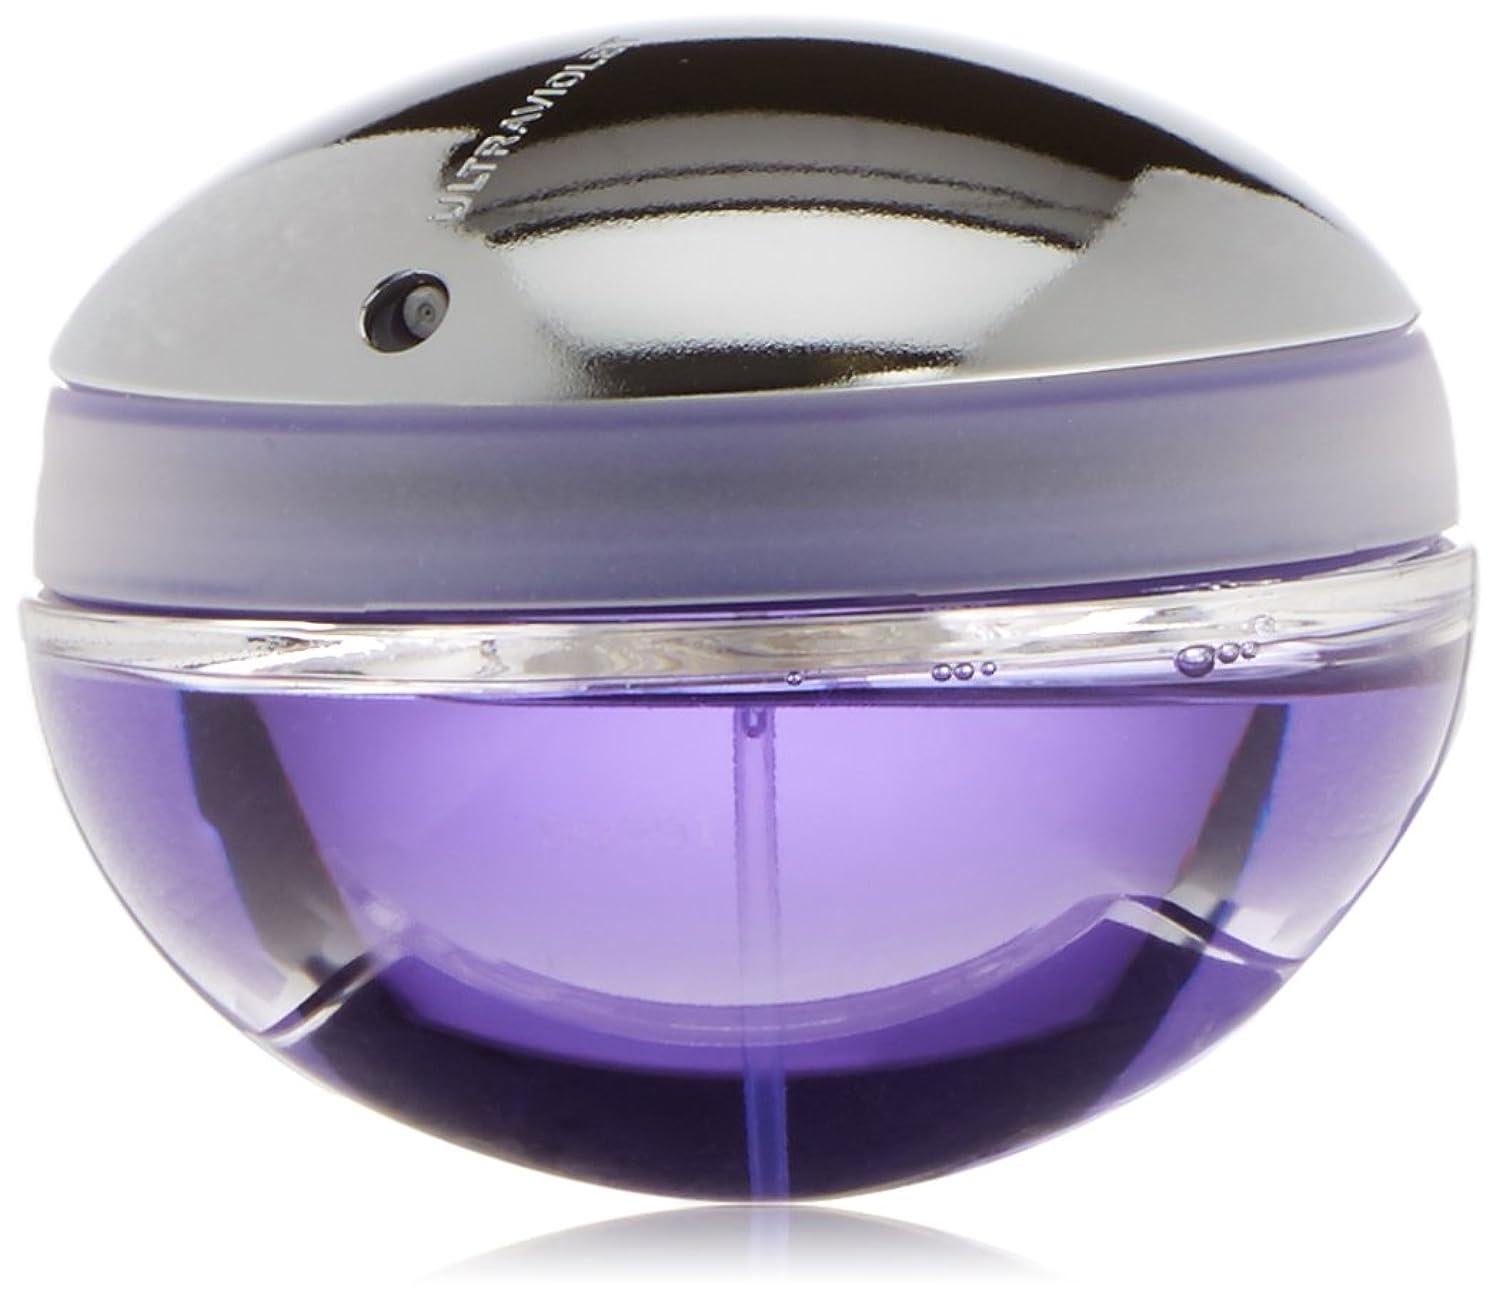 レザー歯車嫌なパコラバンヌ ウルトラバイオレット オードパルファム EDP 80mL 香水